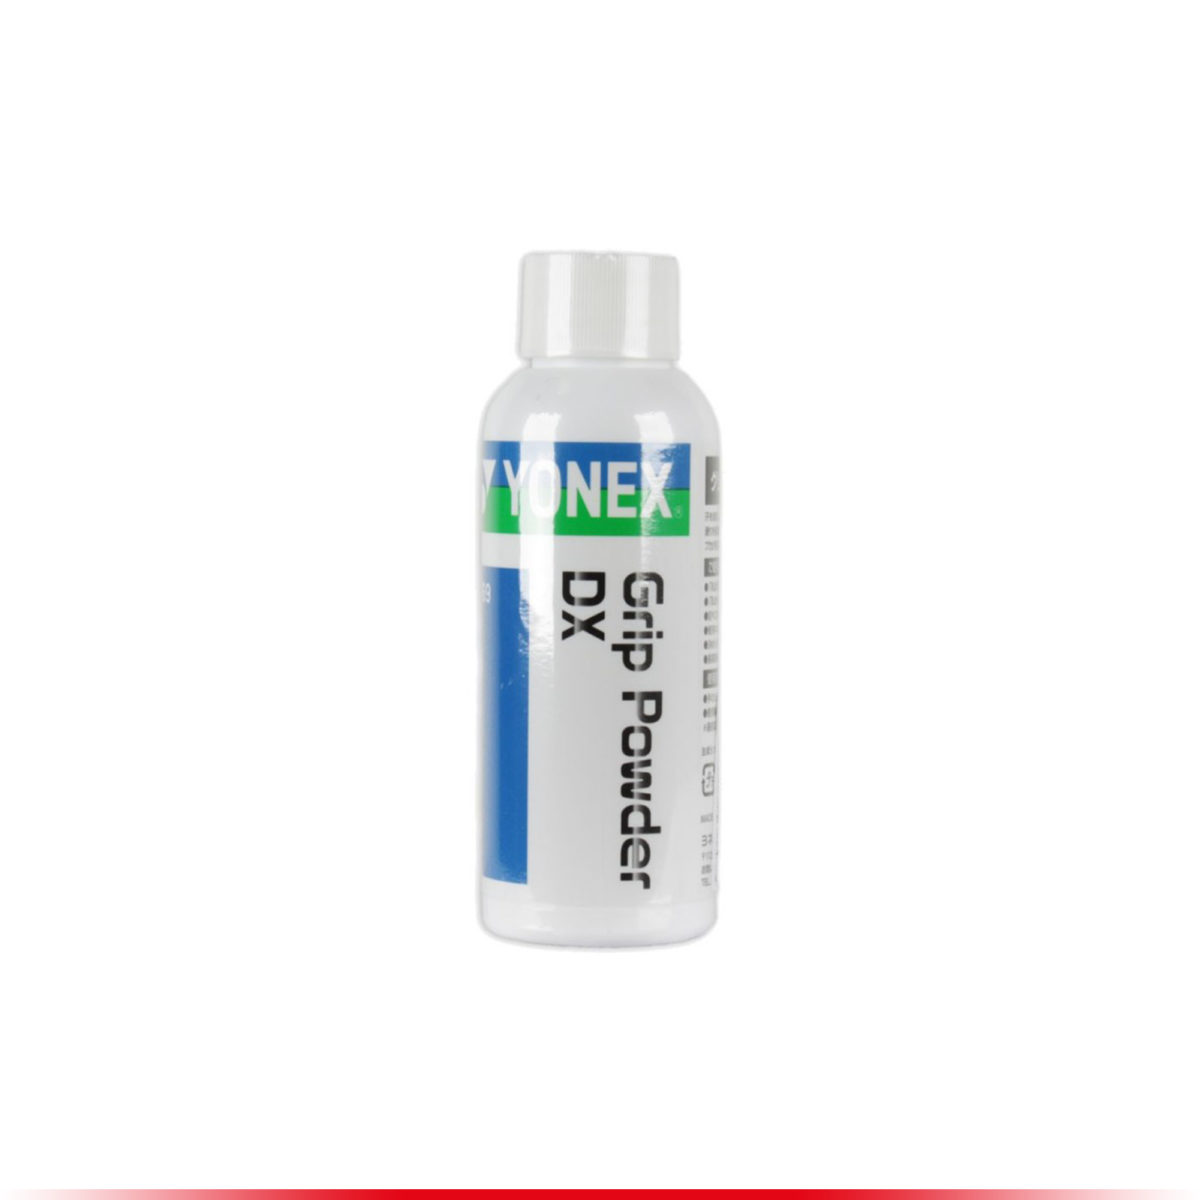 Yonex Grip Powder AC 469